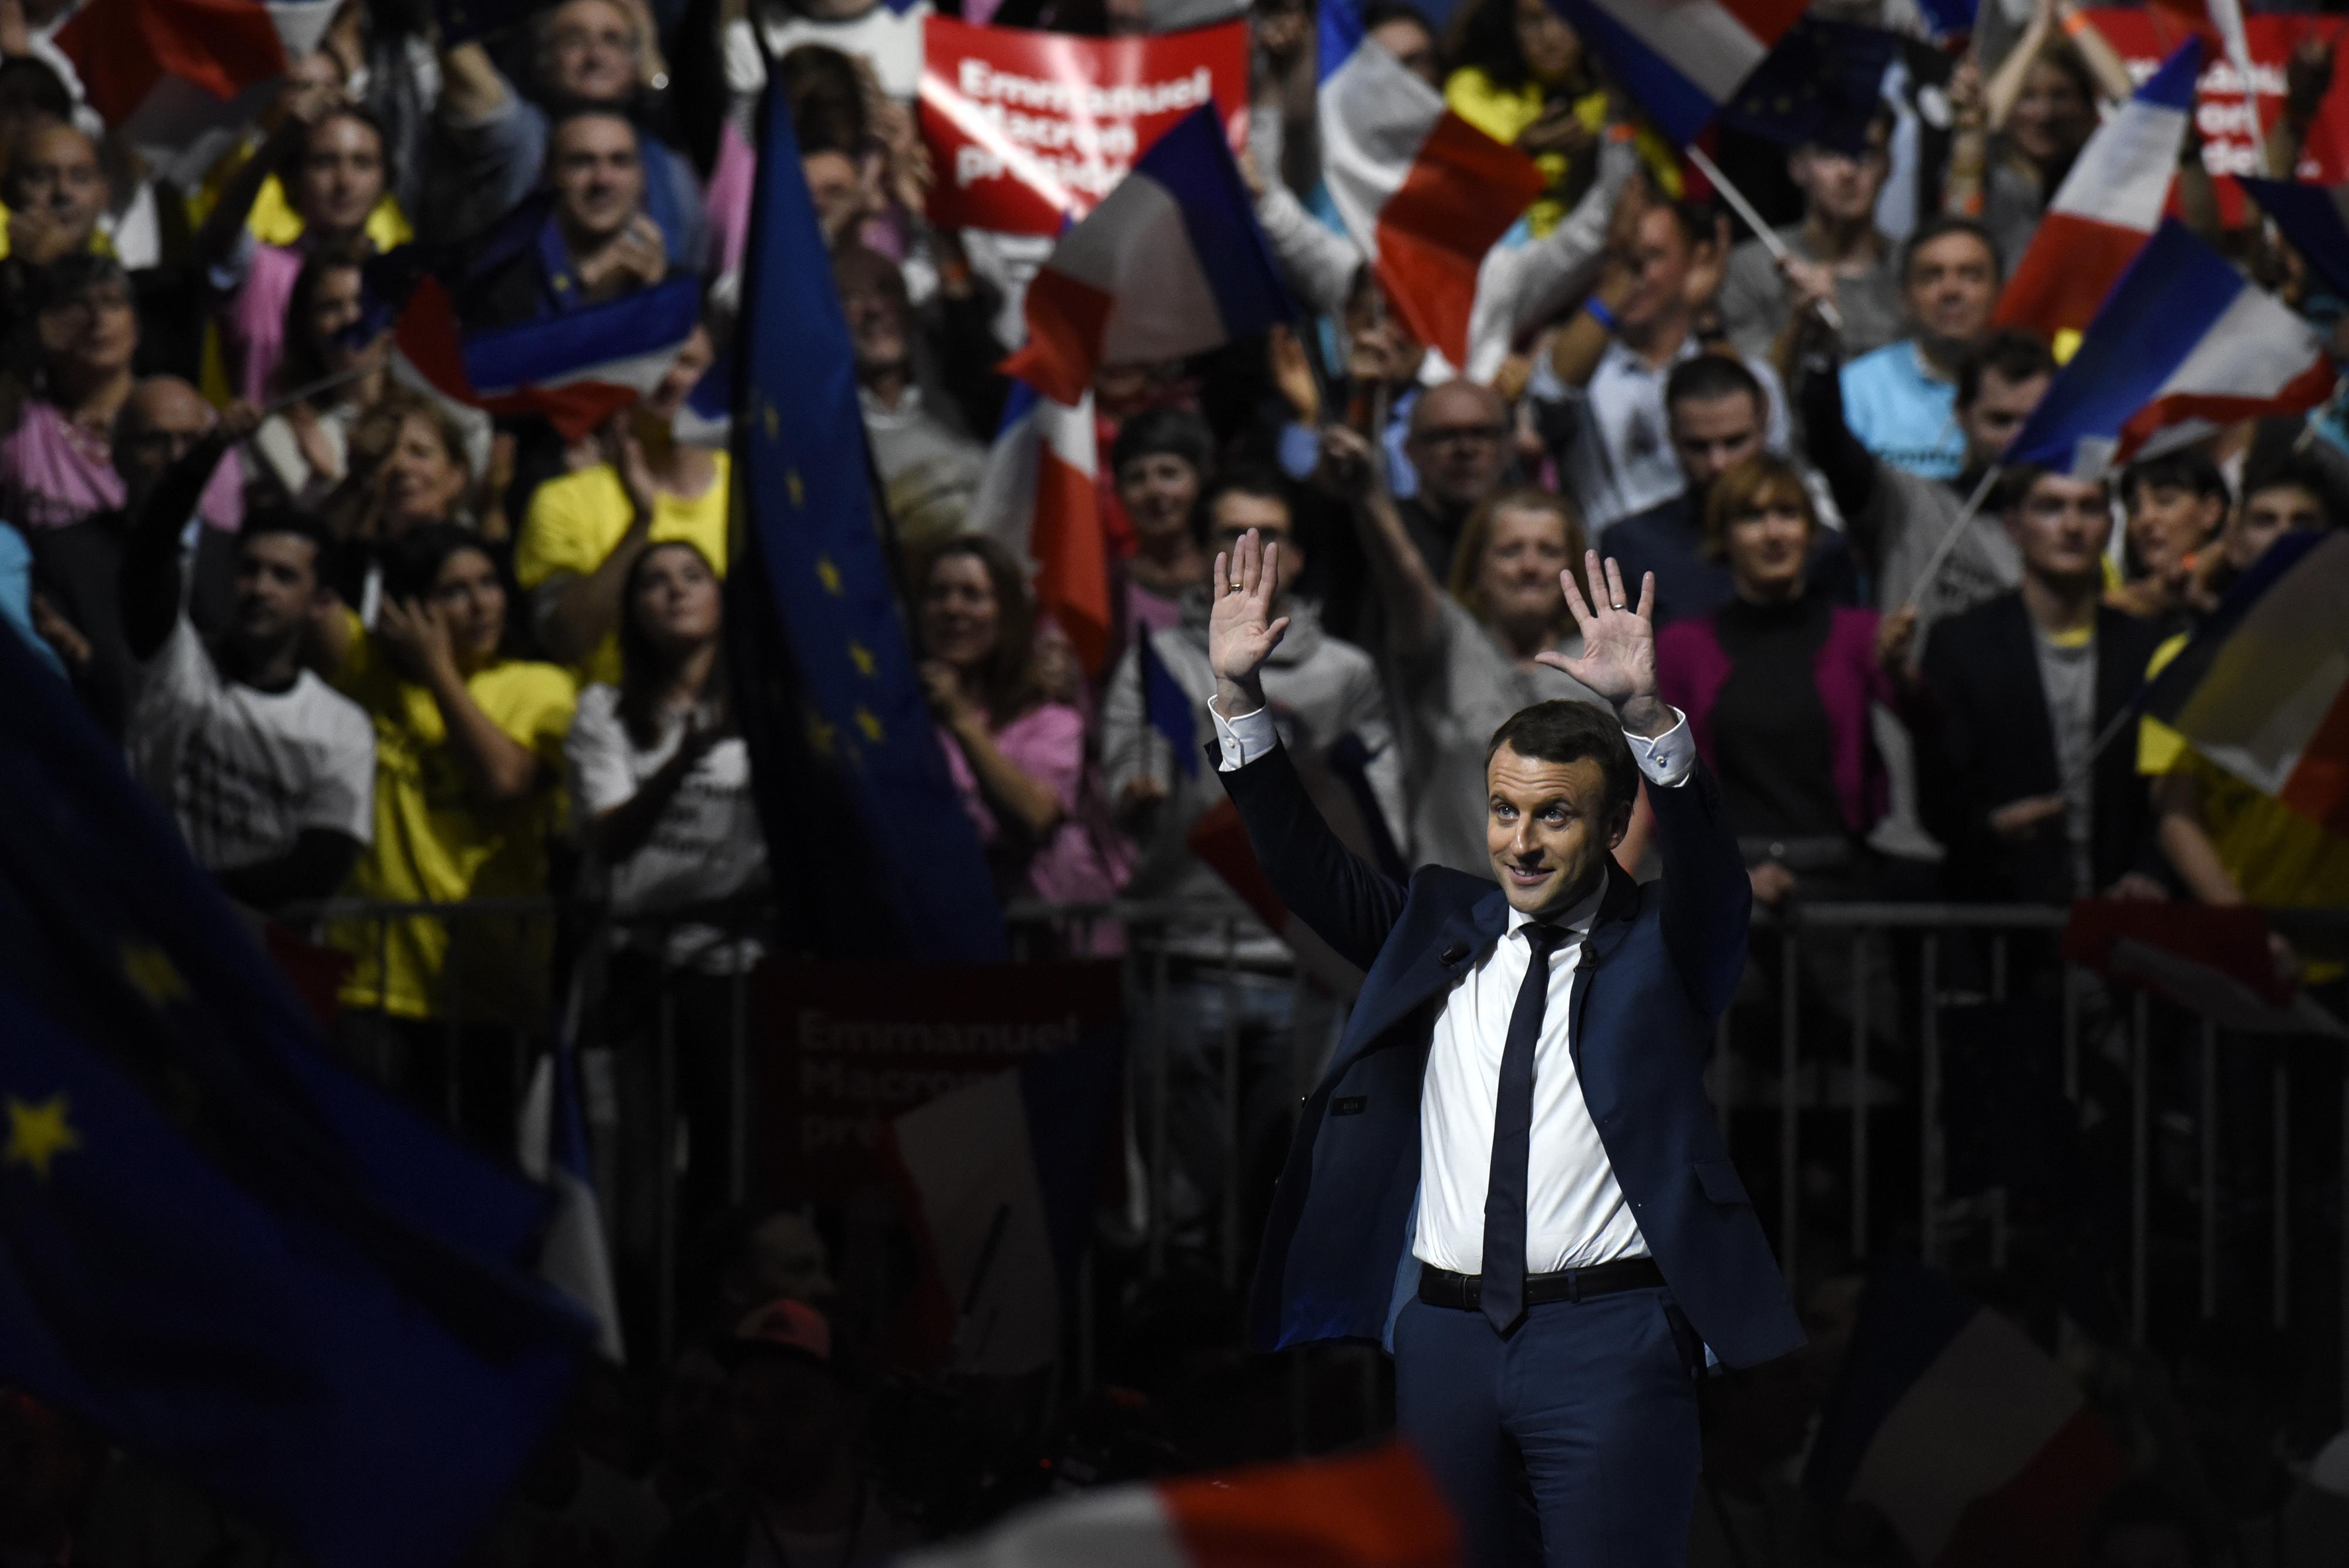 Macron és Le Pen jutnak tovább a francia elnökválasztás második fordulójába az első becslések szerint